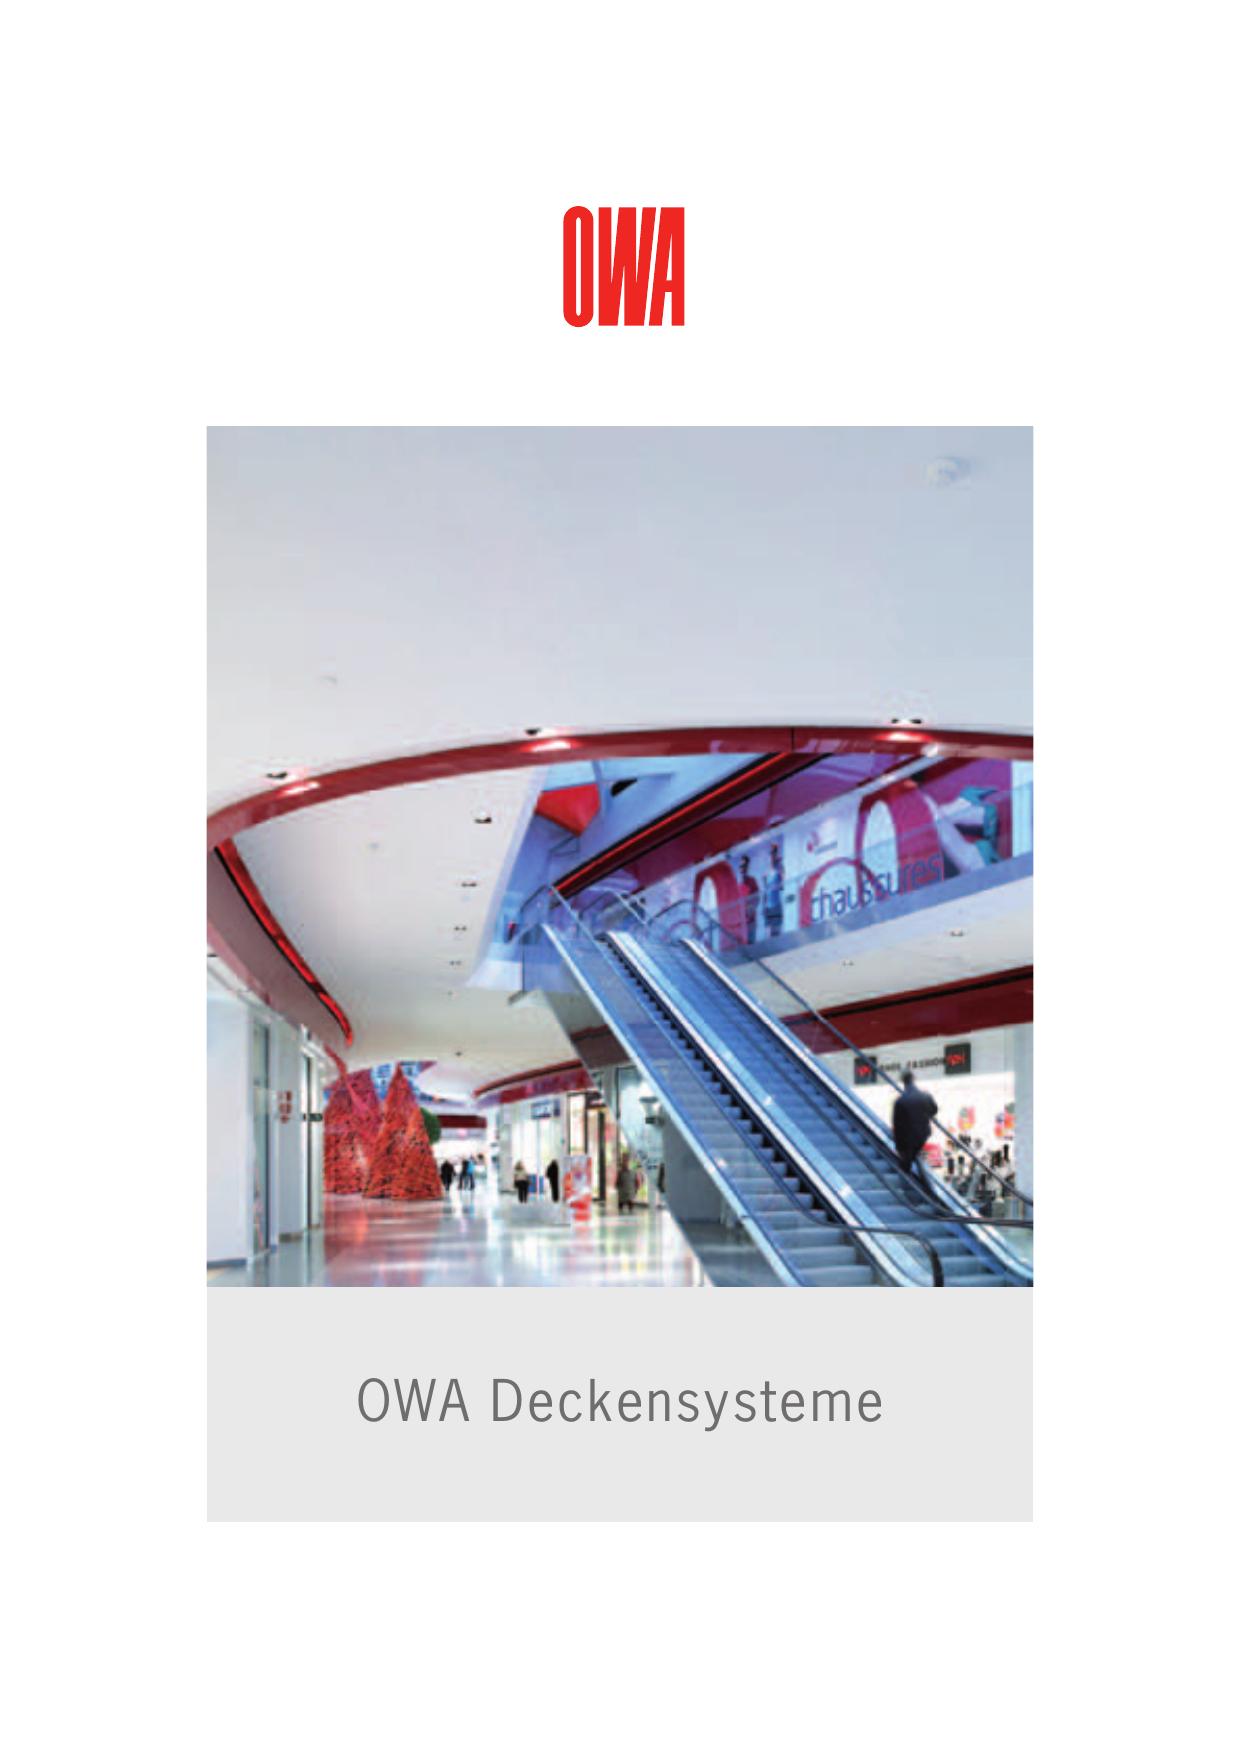 OWA Deckensysteme - hagebau DECKEN-KOMPETENZ